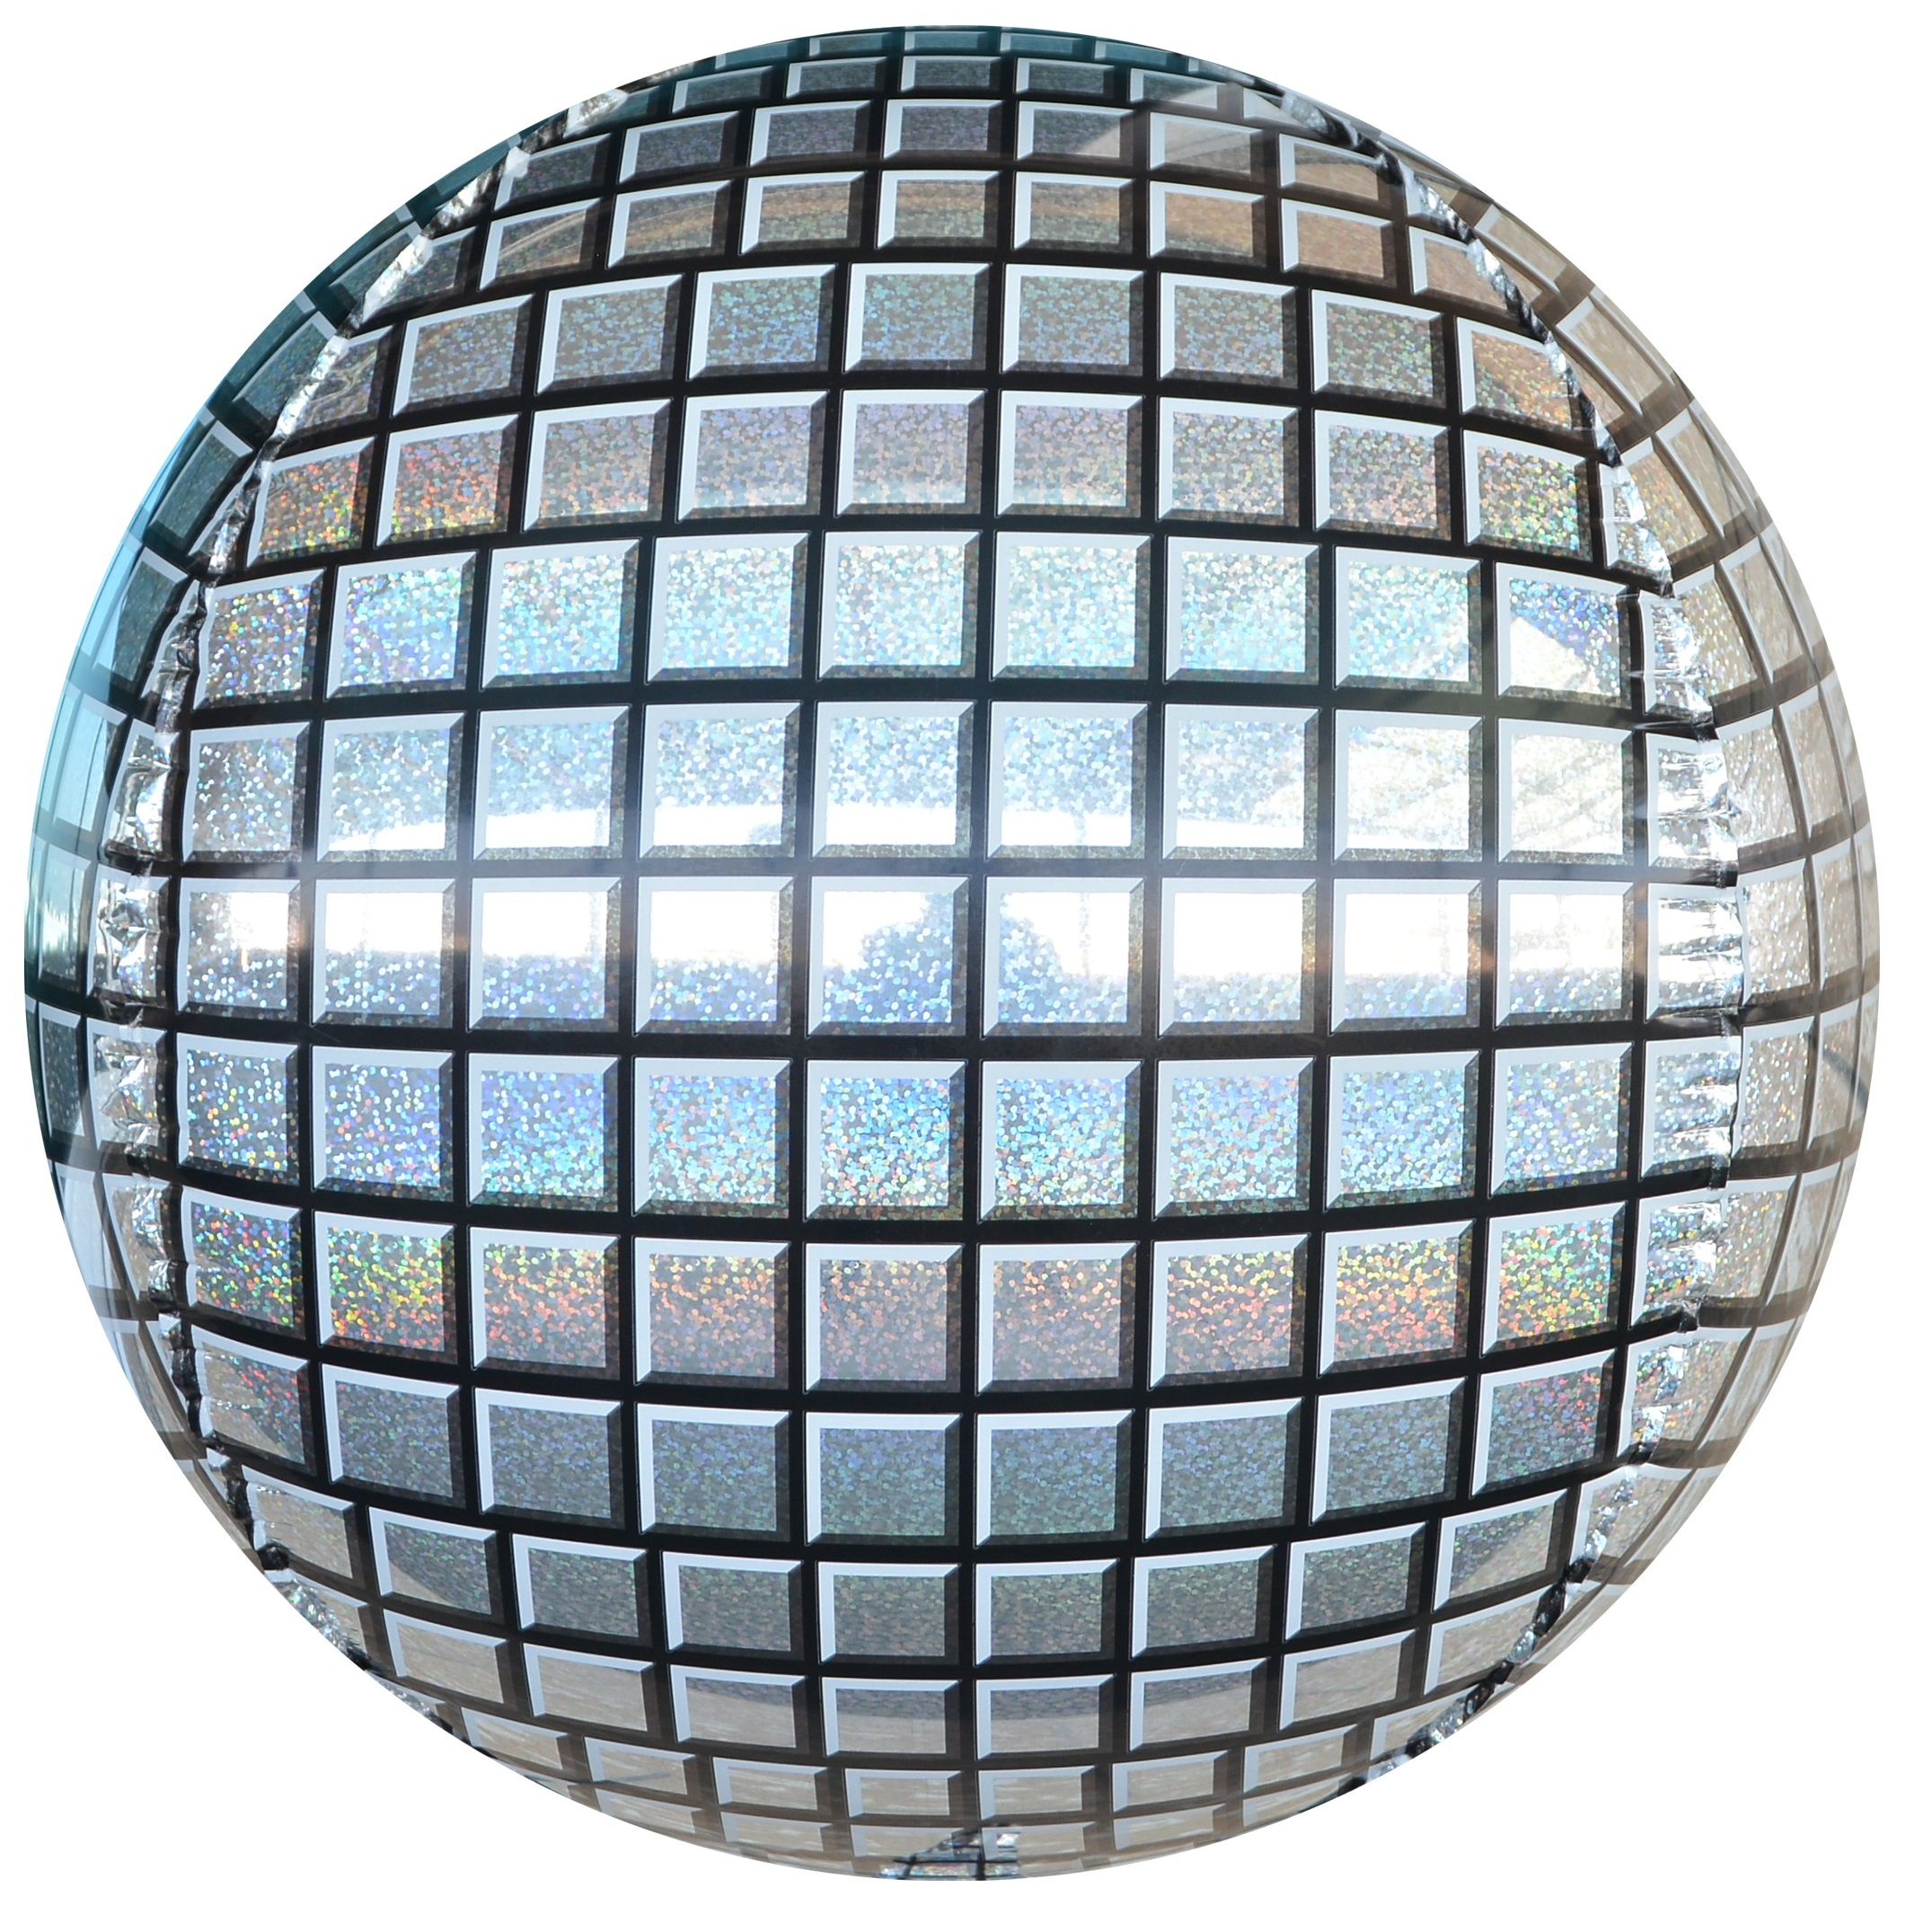 Фольгированная сфера 3D, Диско, Серебро, Голография (61 см)